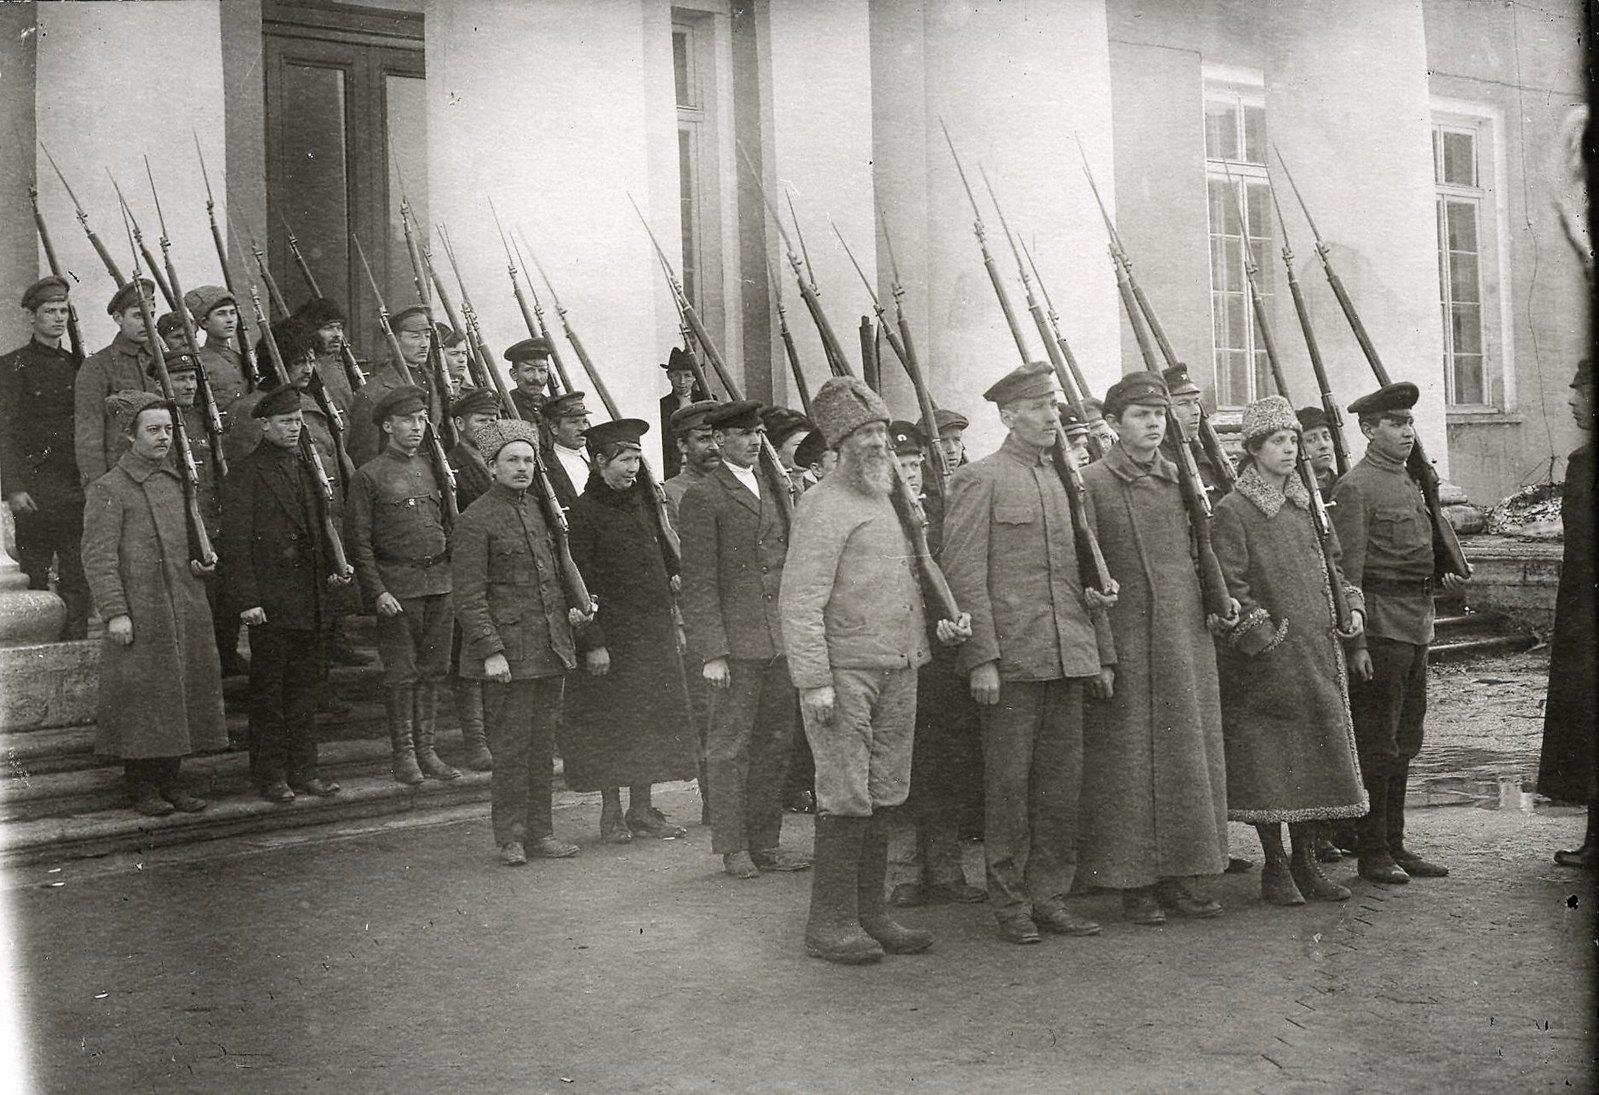 Студенты рабоче-крестьянского университета им. Зиновьева готовы к бою за свое право учиться